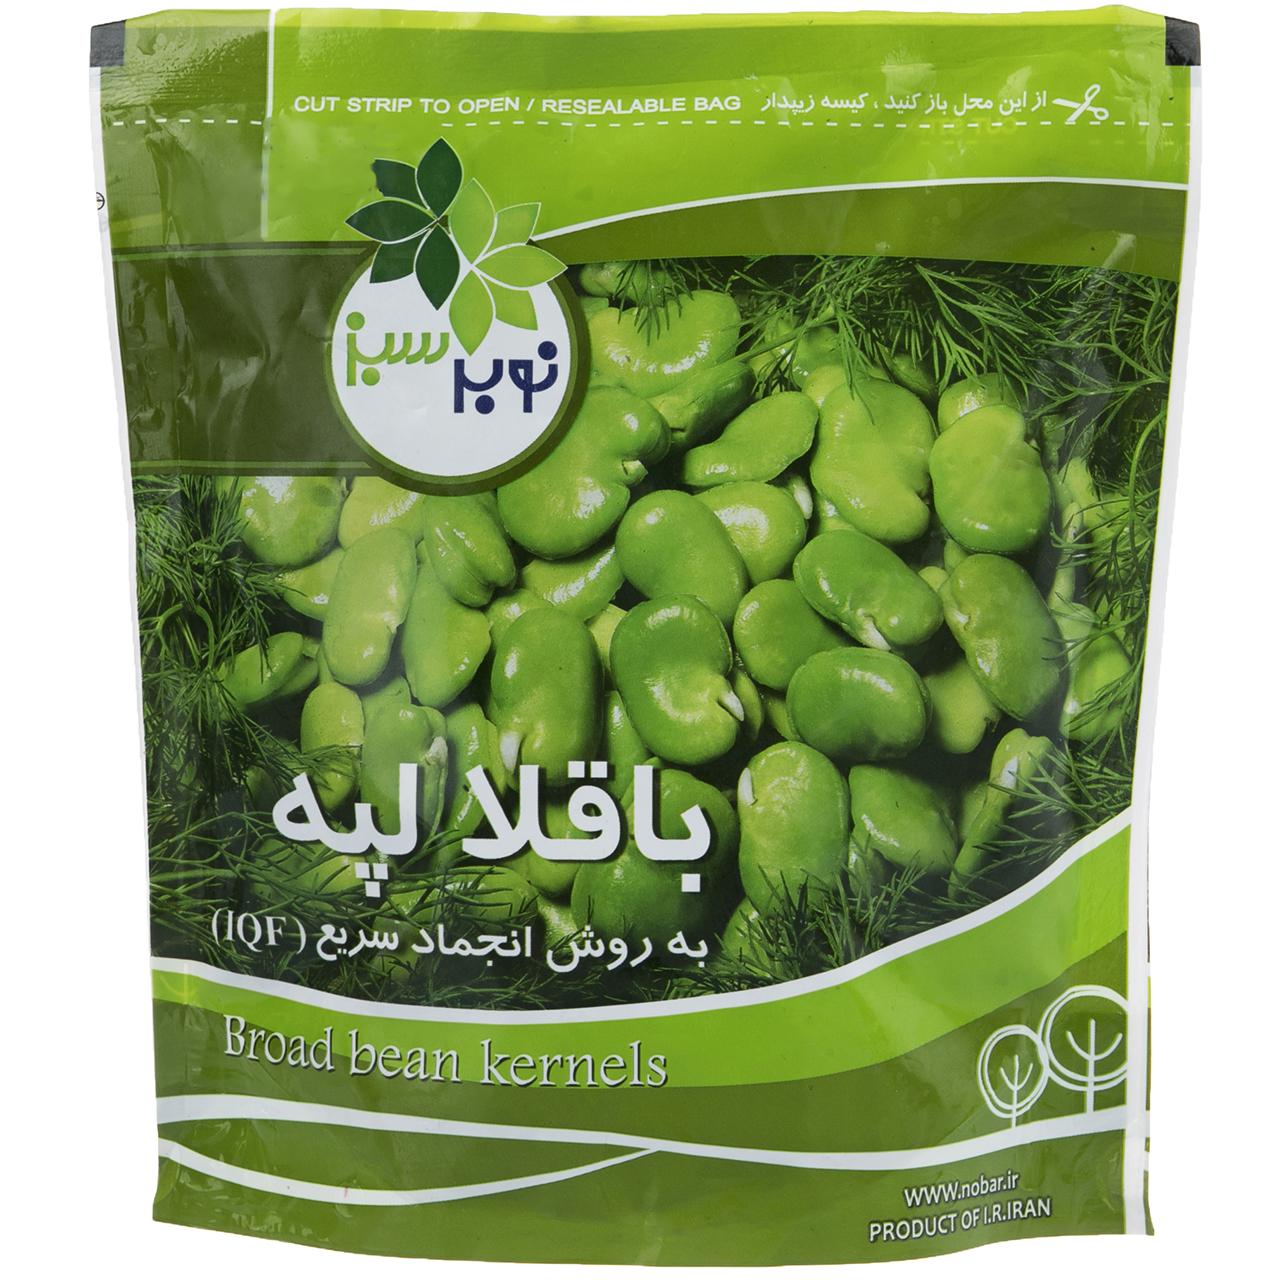 باقلا لپه منجمد نوبر سبز مقدار 400 گرم